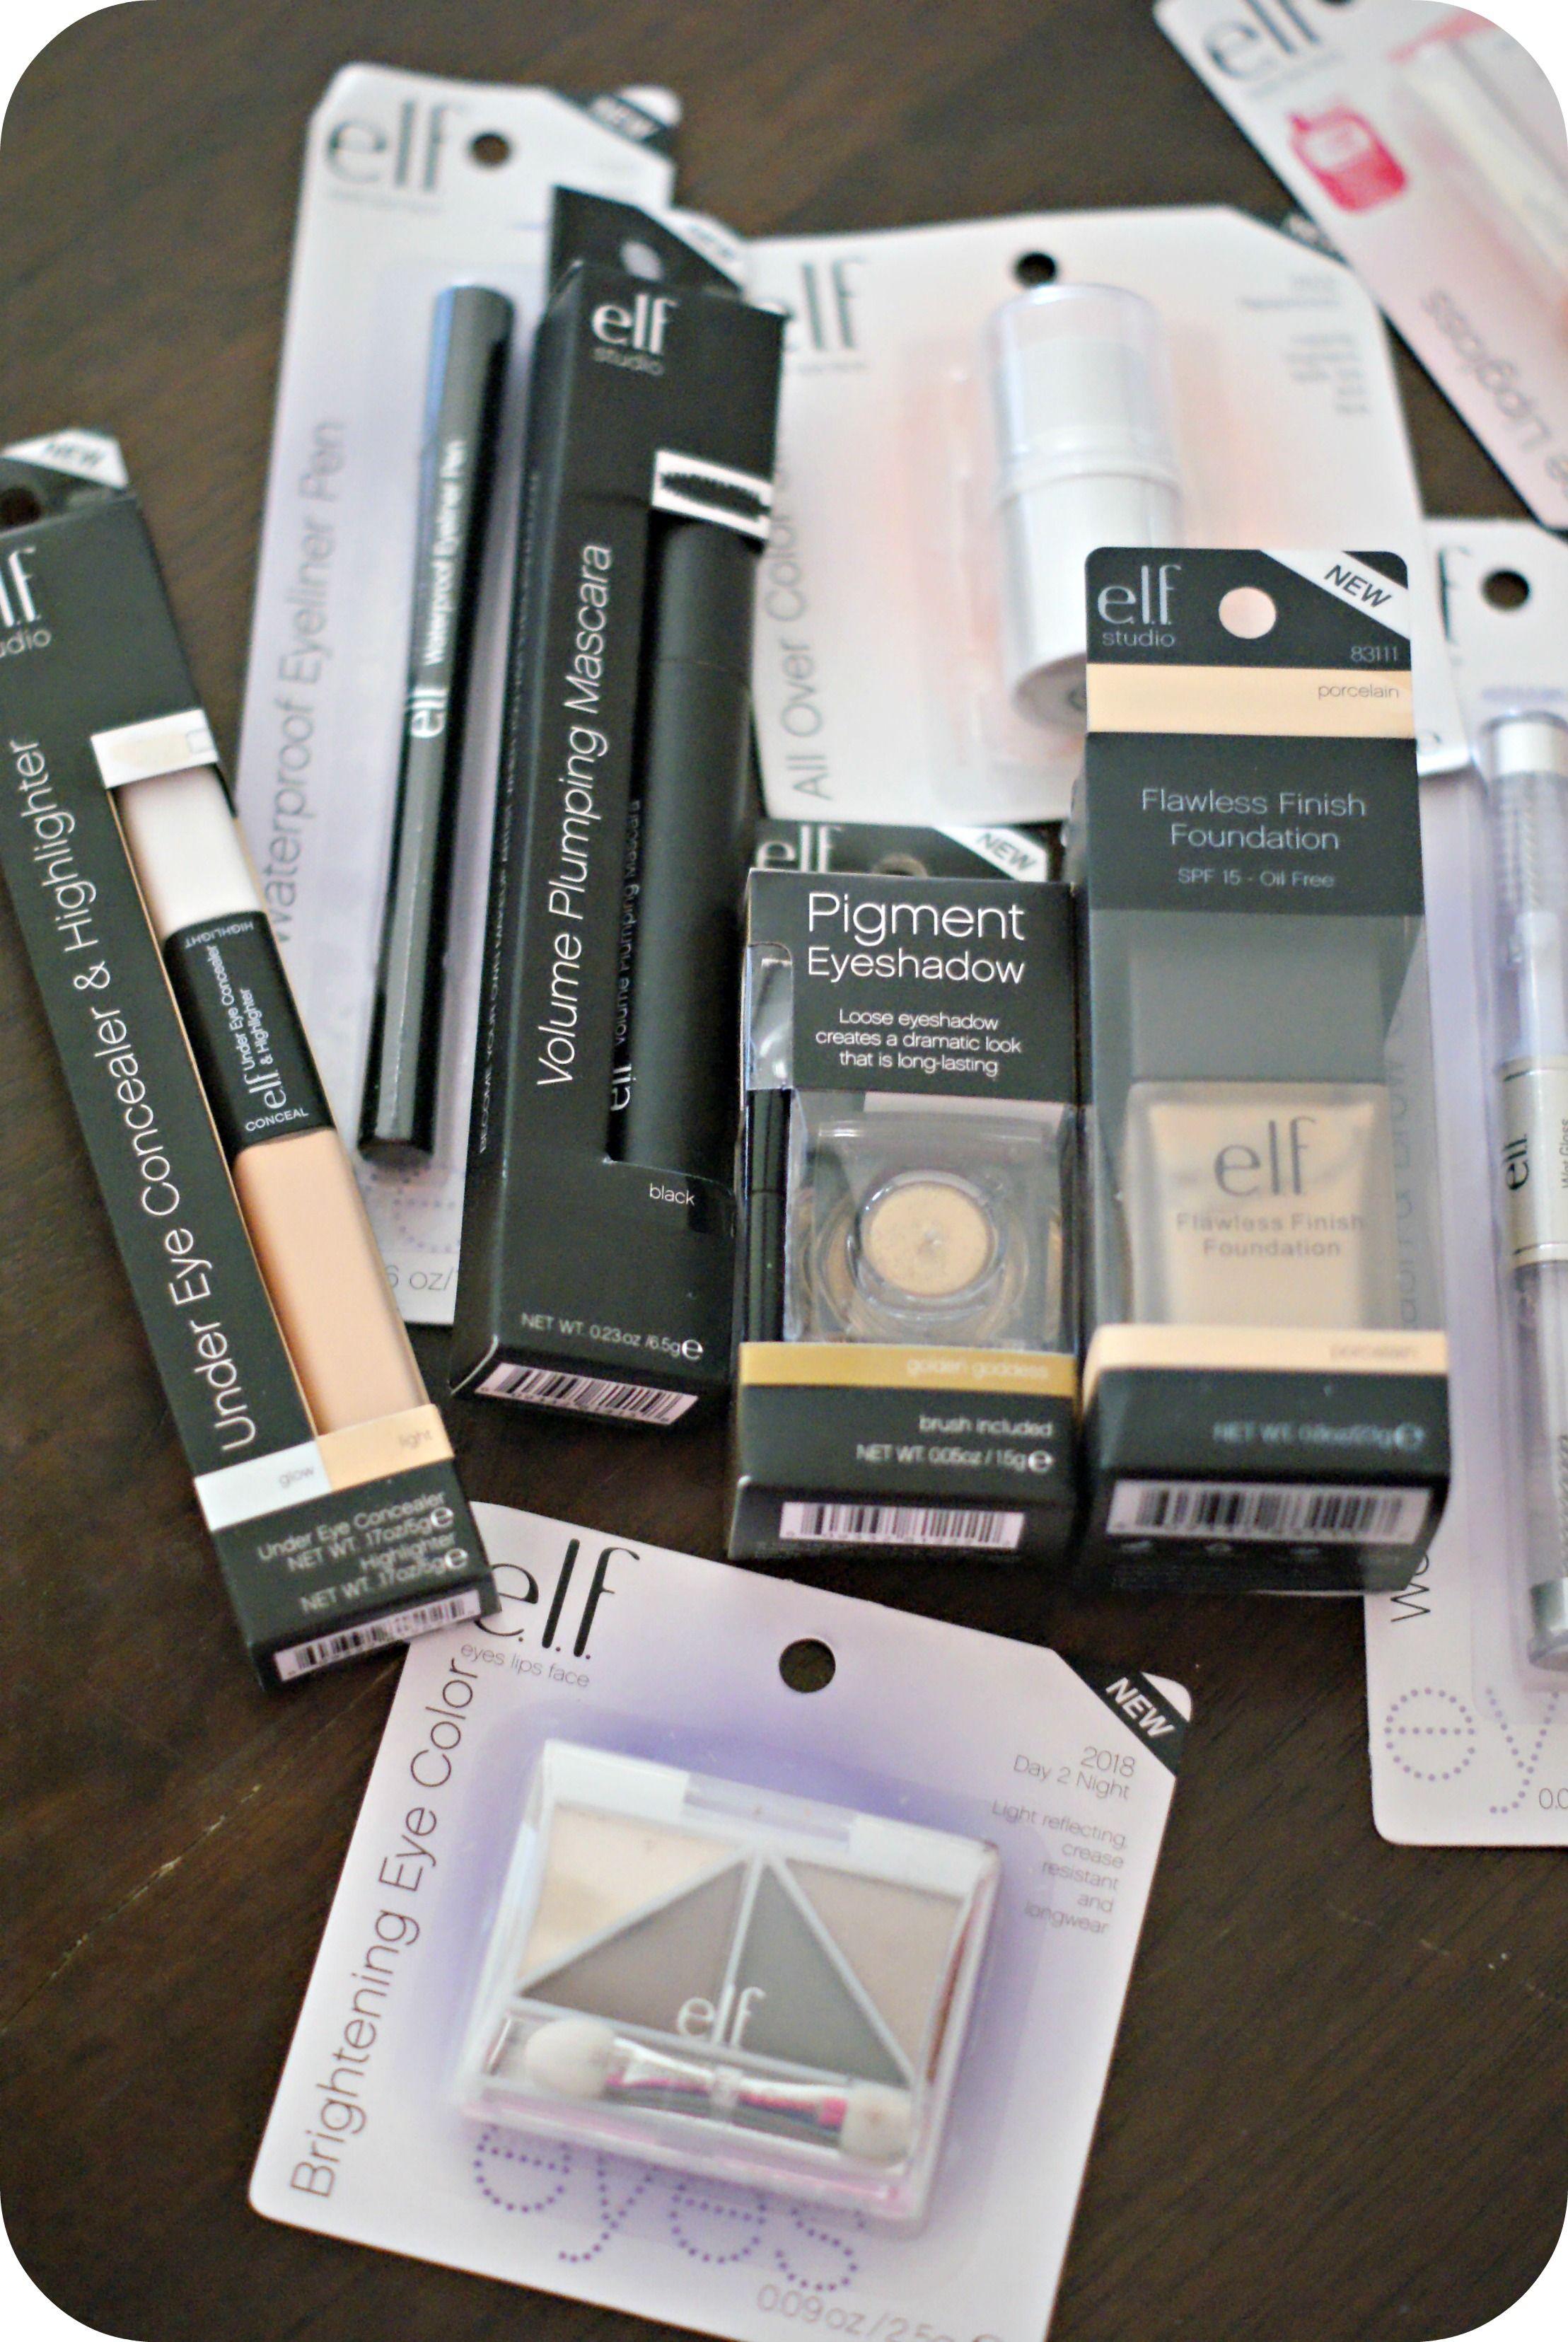 e.l.f. makeup haul